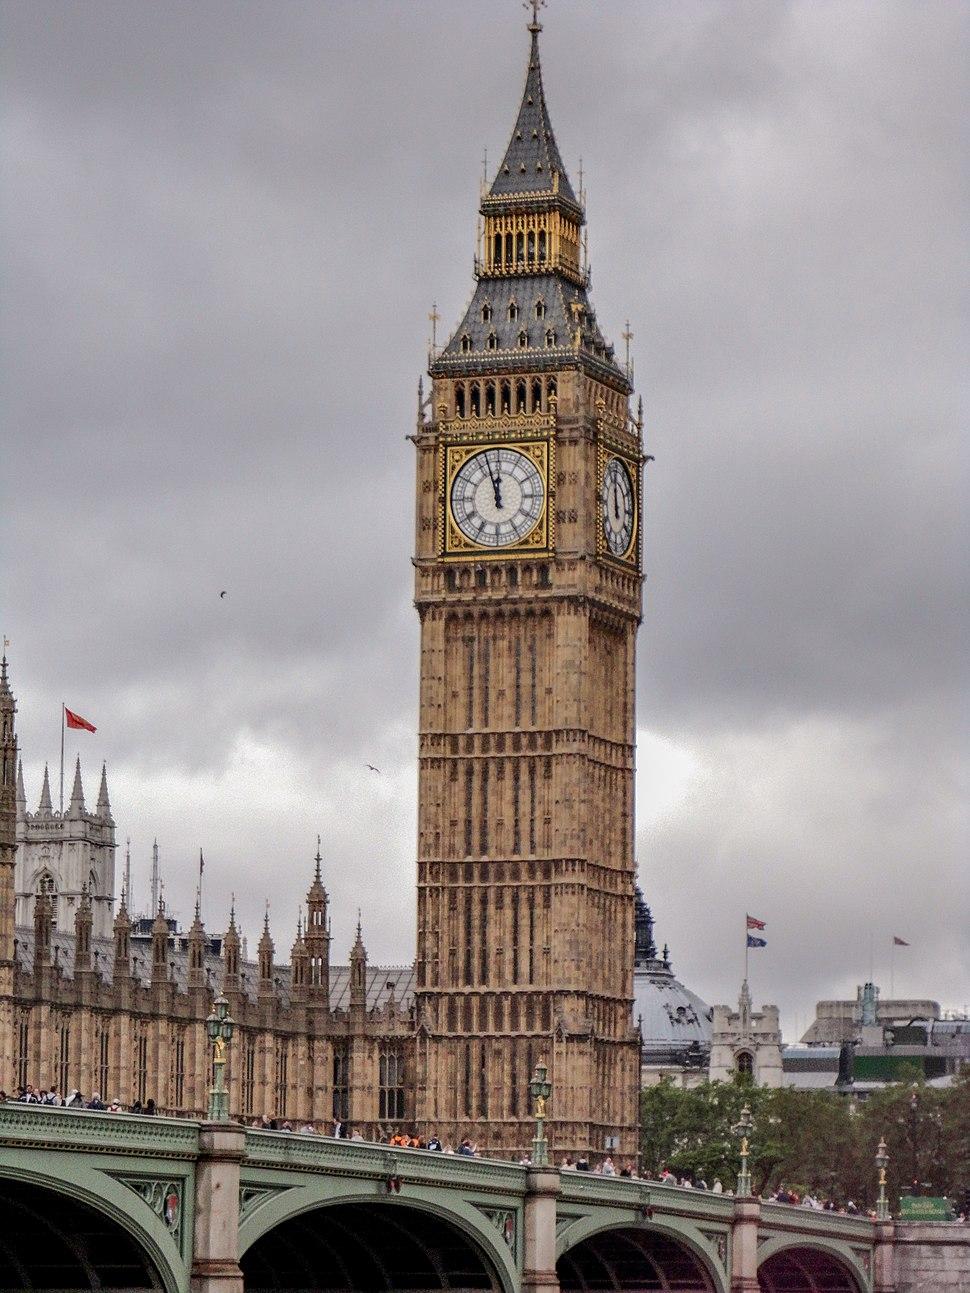 Big Ben 1 2012-07-03